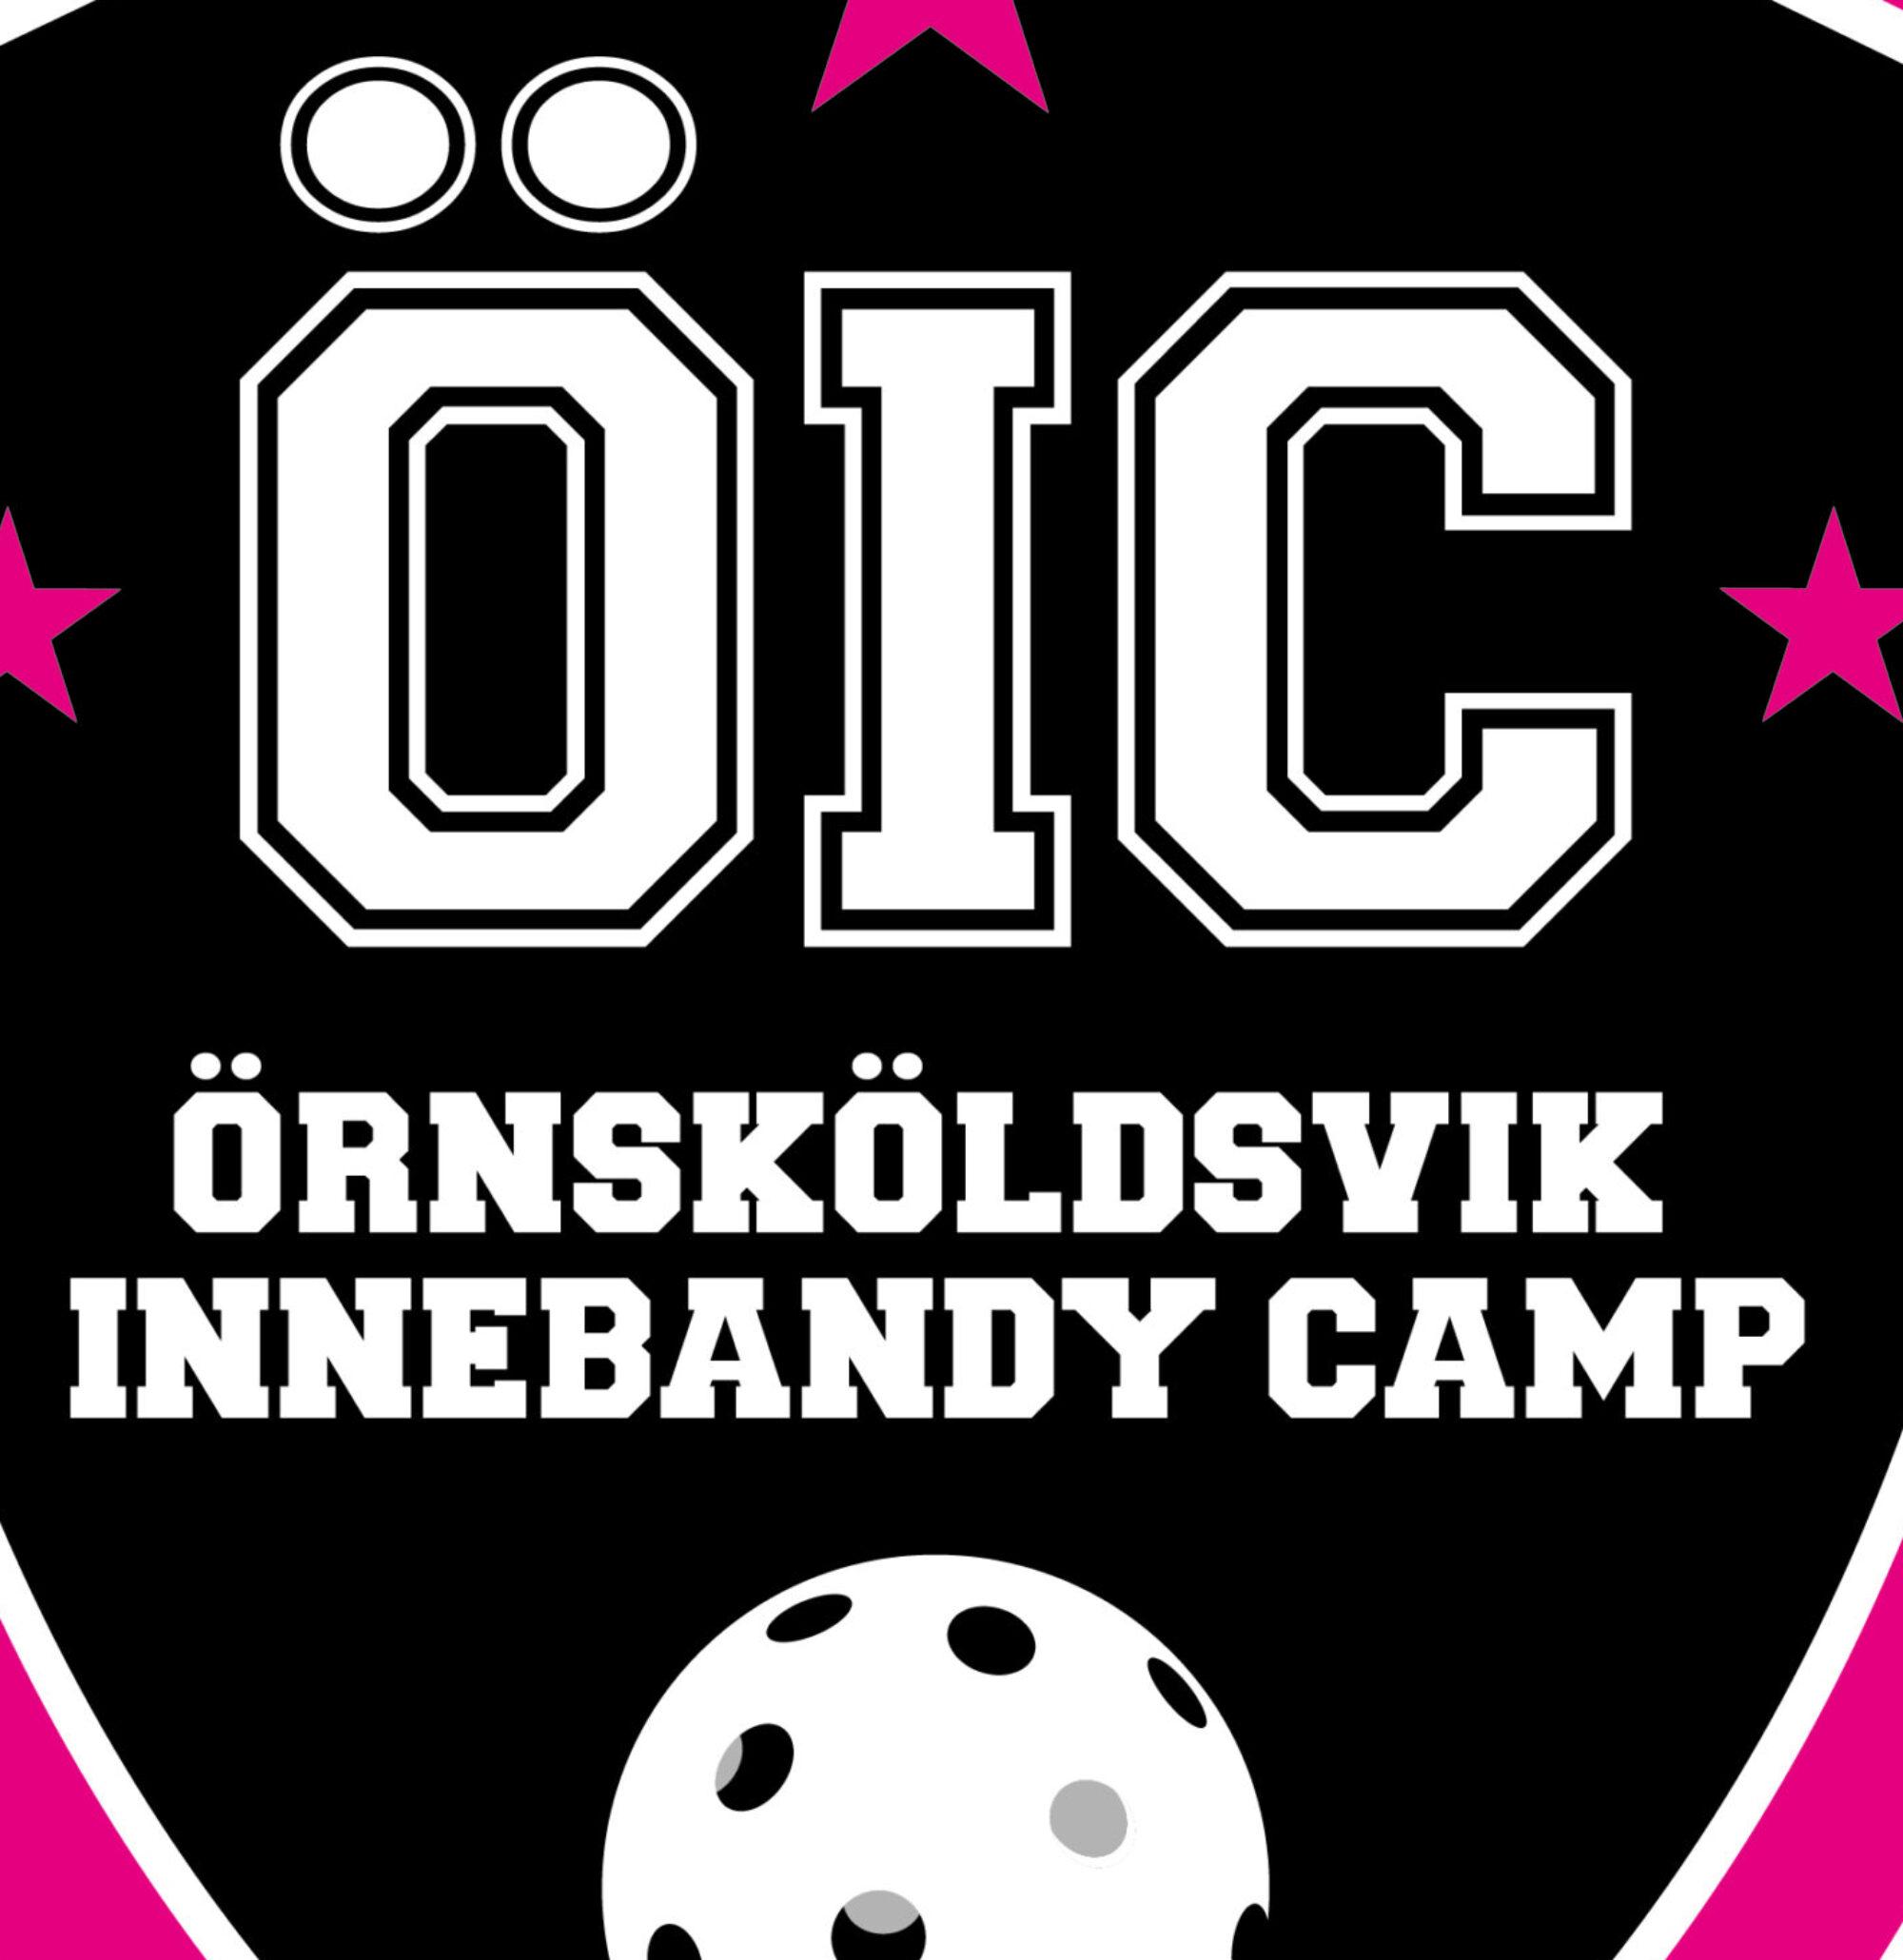 Örnsköldsvik Innebandy Camp